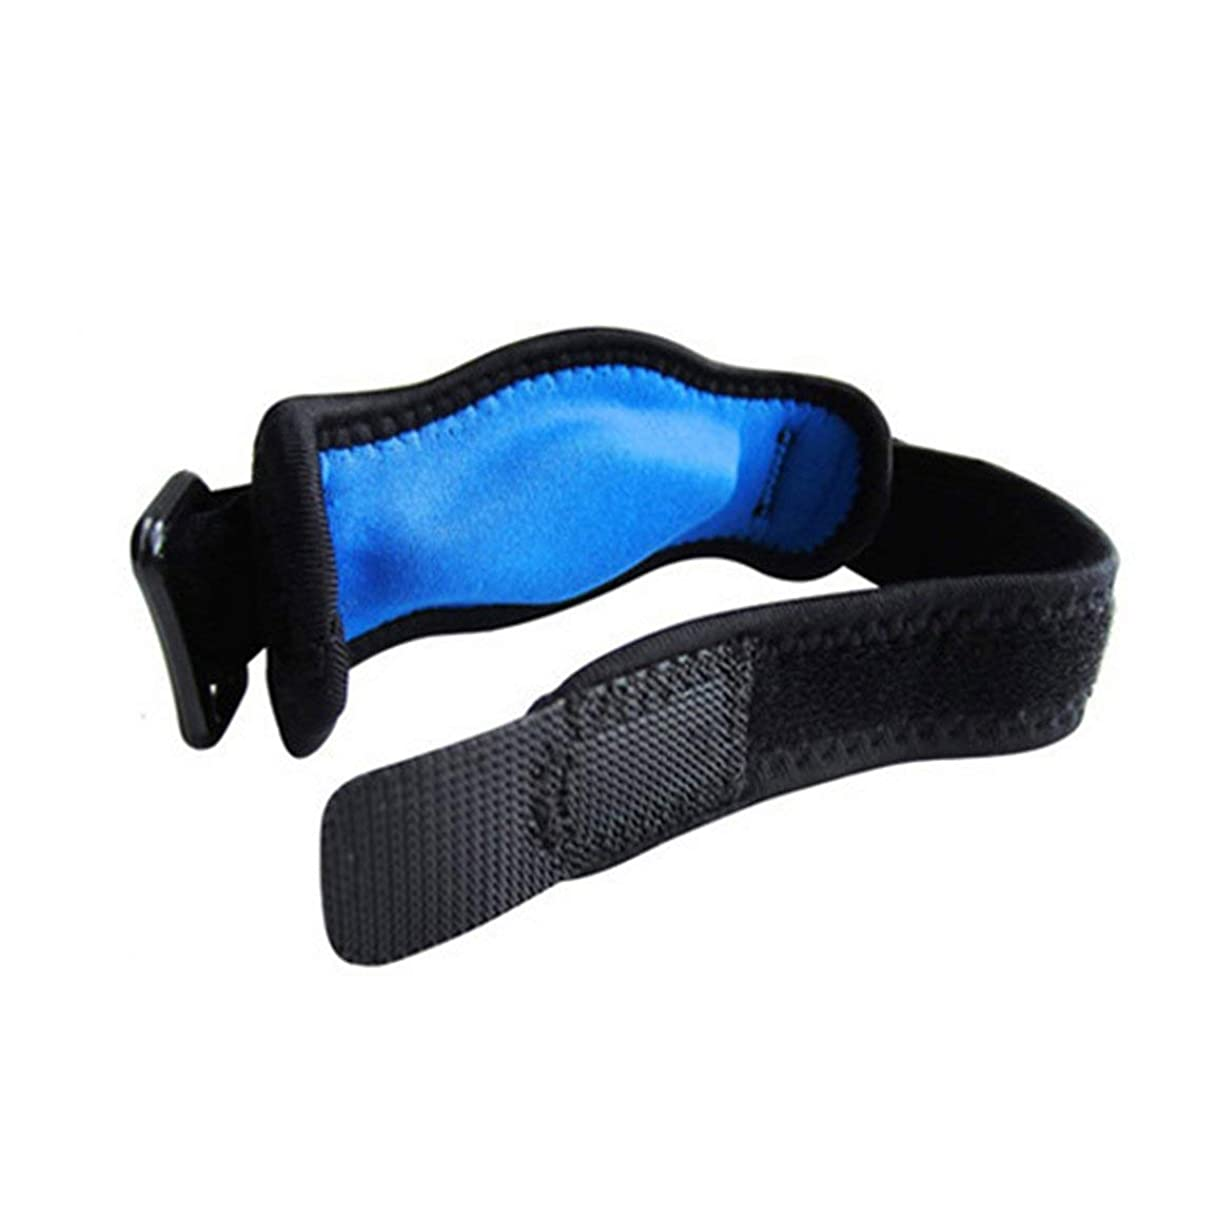 証言しなければならない移住する調節可能なテニス肘サポートストラップブレースゴルフ前腕痛み緩和 - 黒